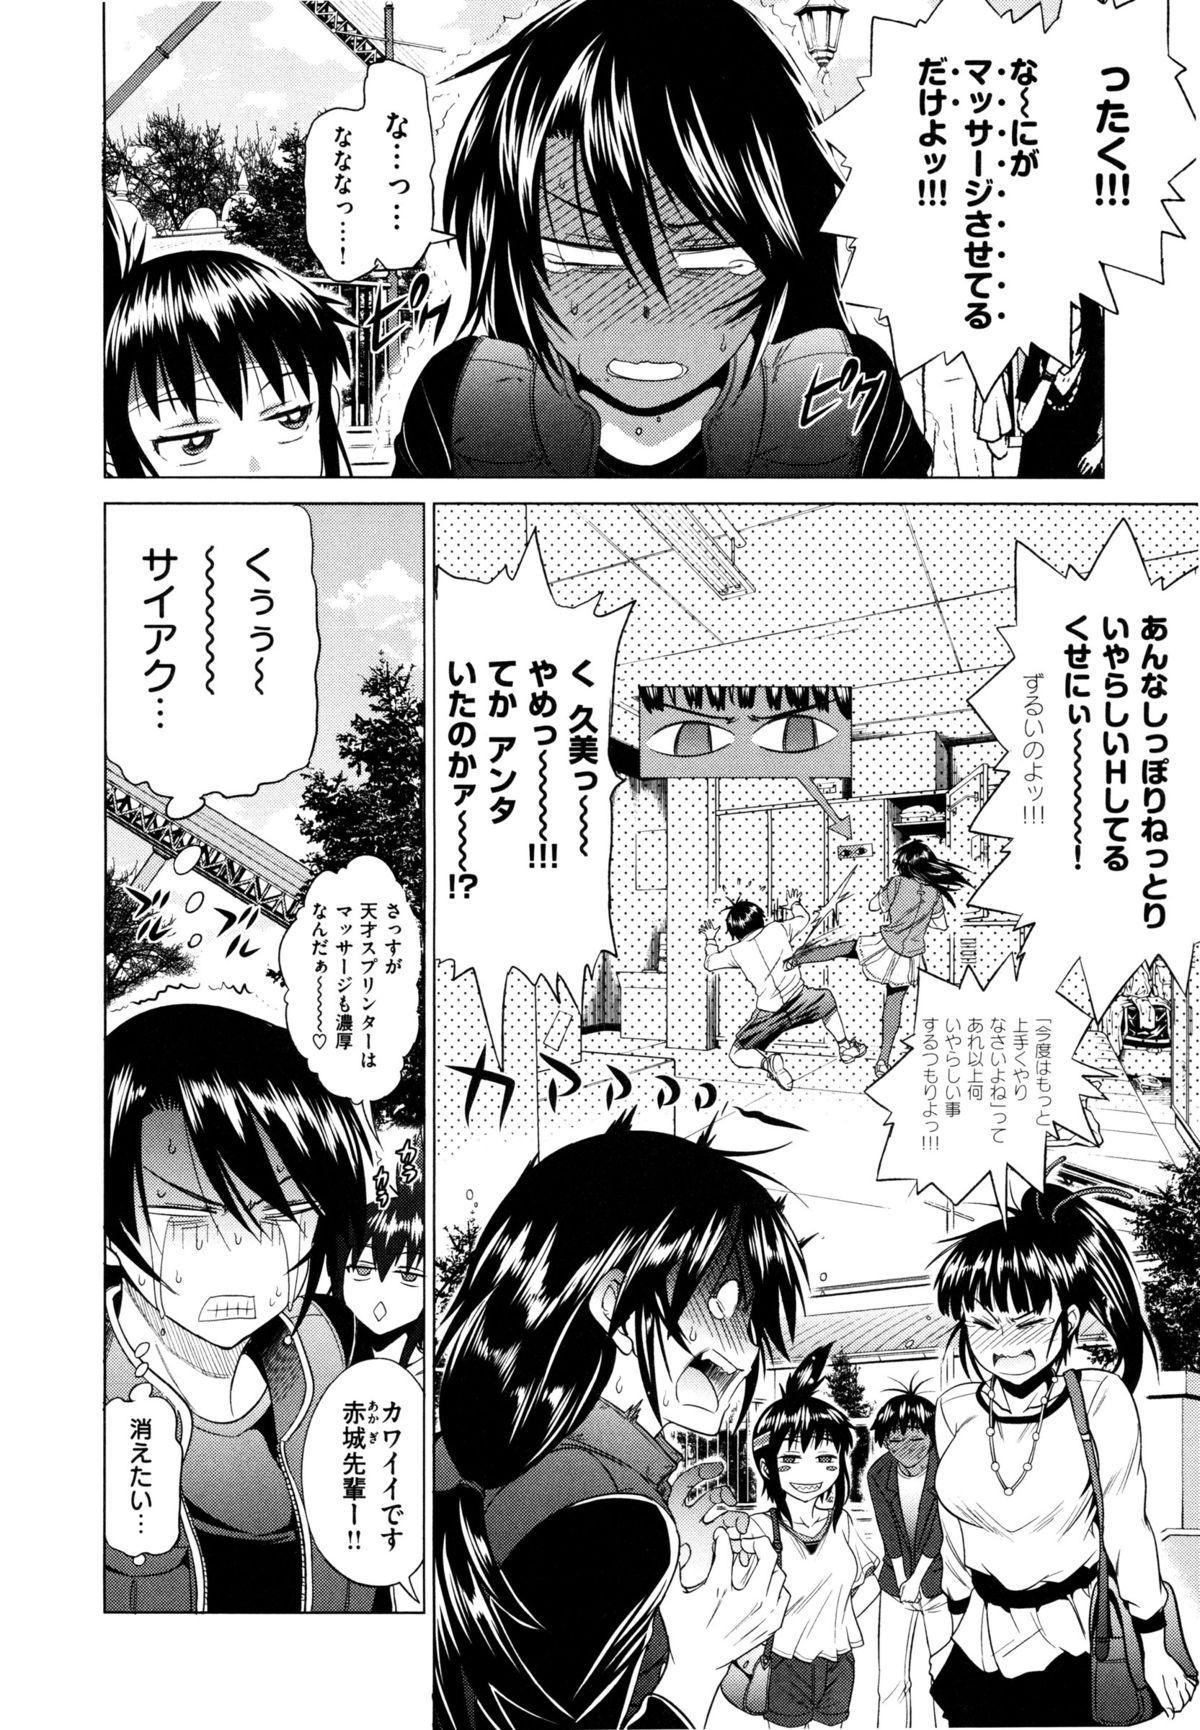 Anekomori 154